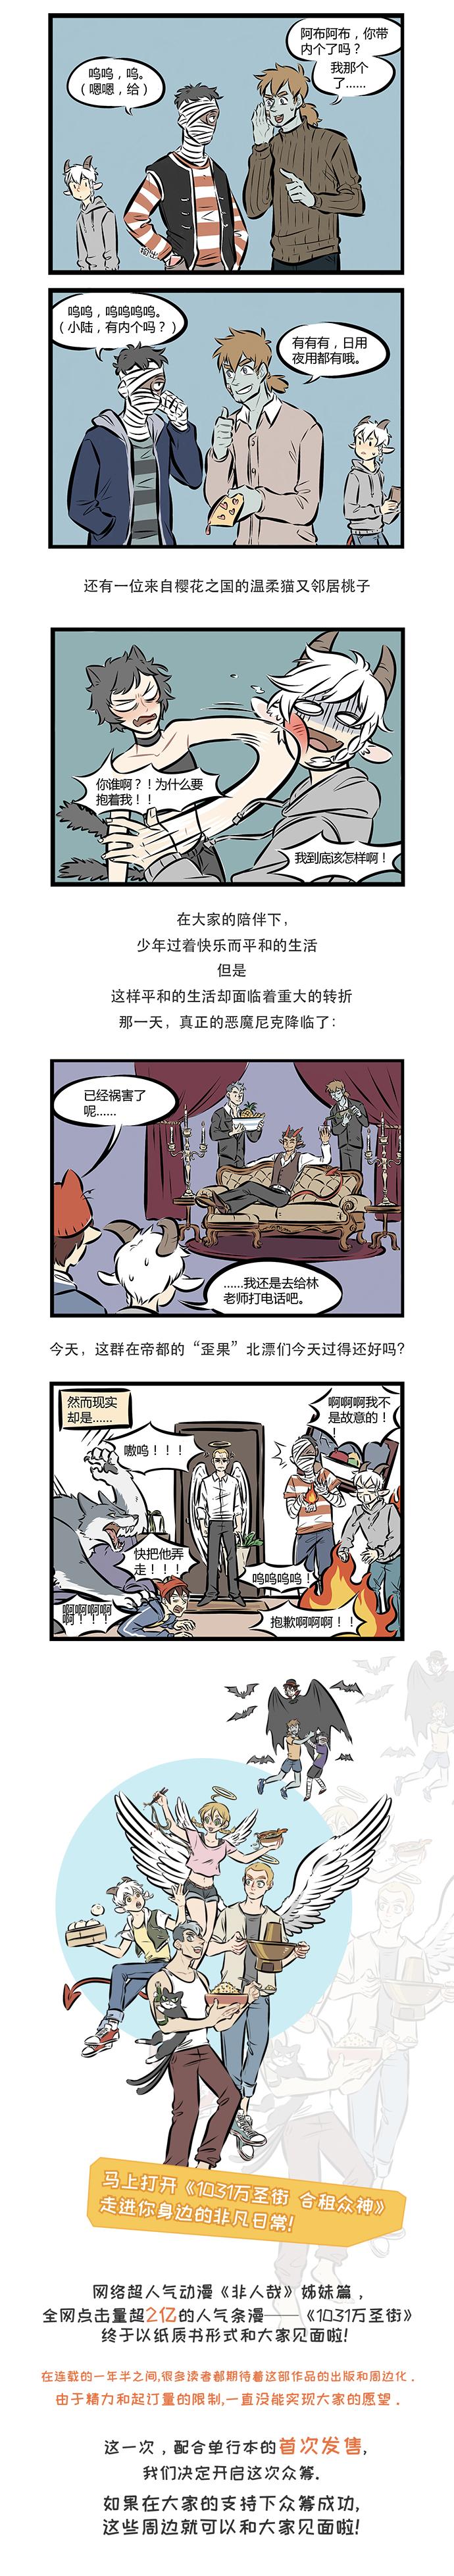 1031-众筹条图-漫2画.jpg